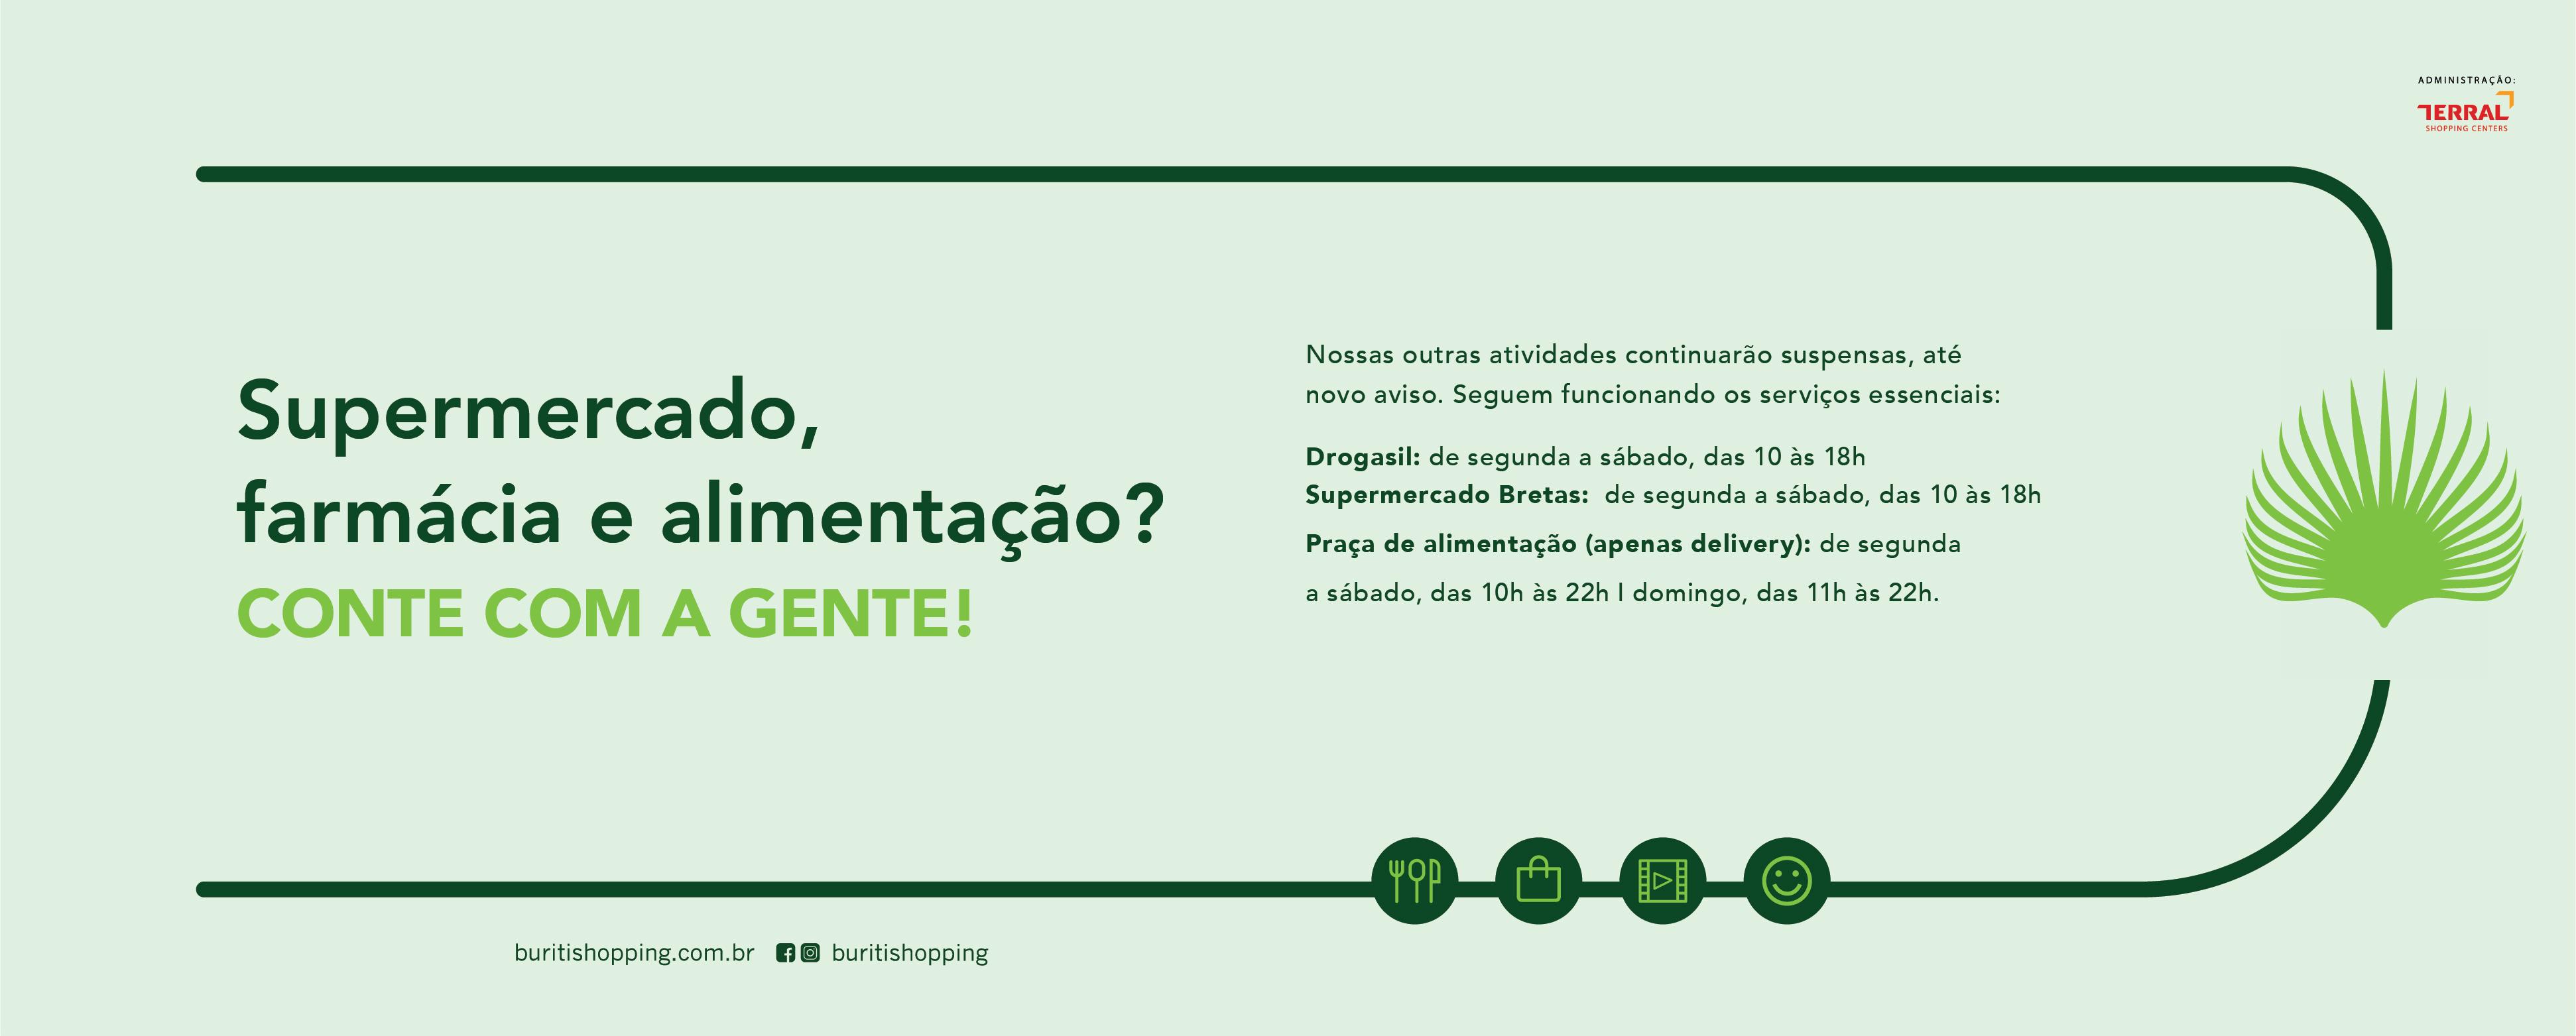 Nova Comunicação Decreto em 03.04 - COVID 19